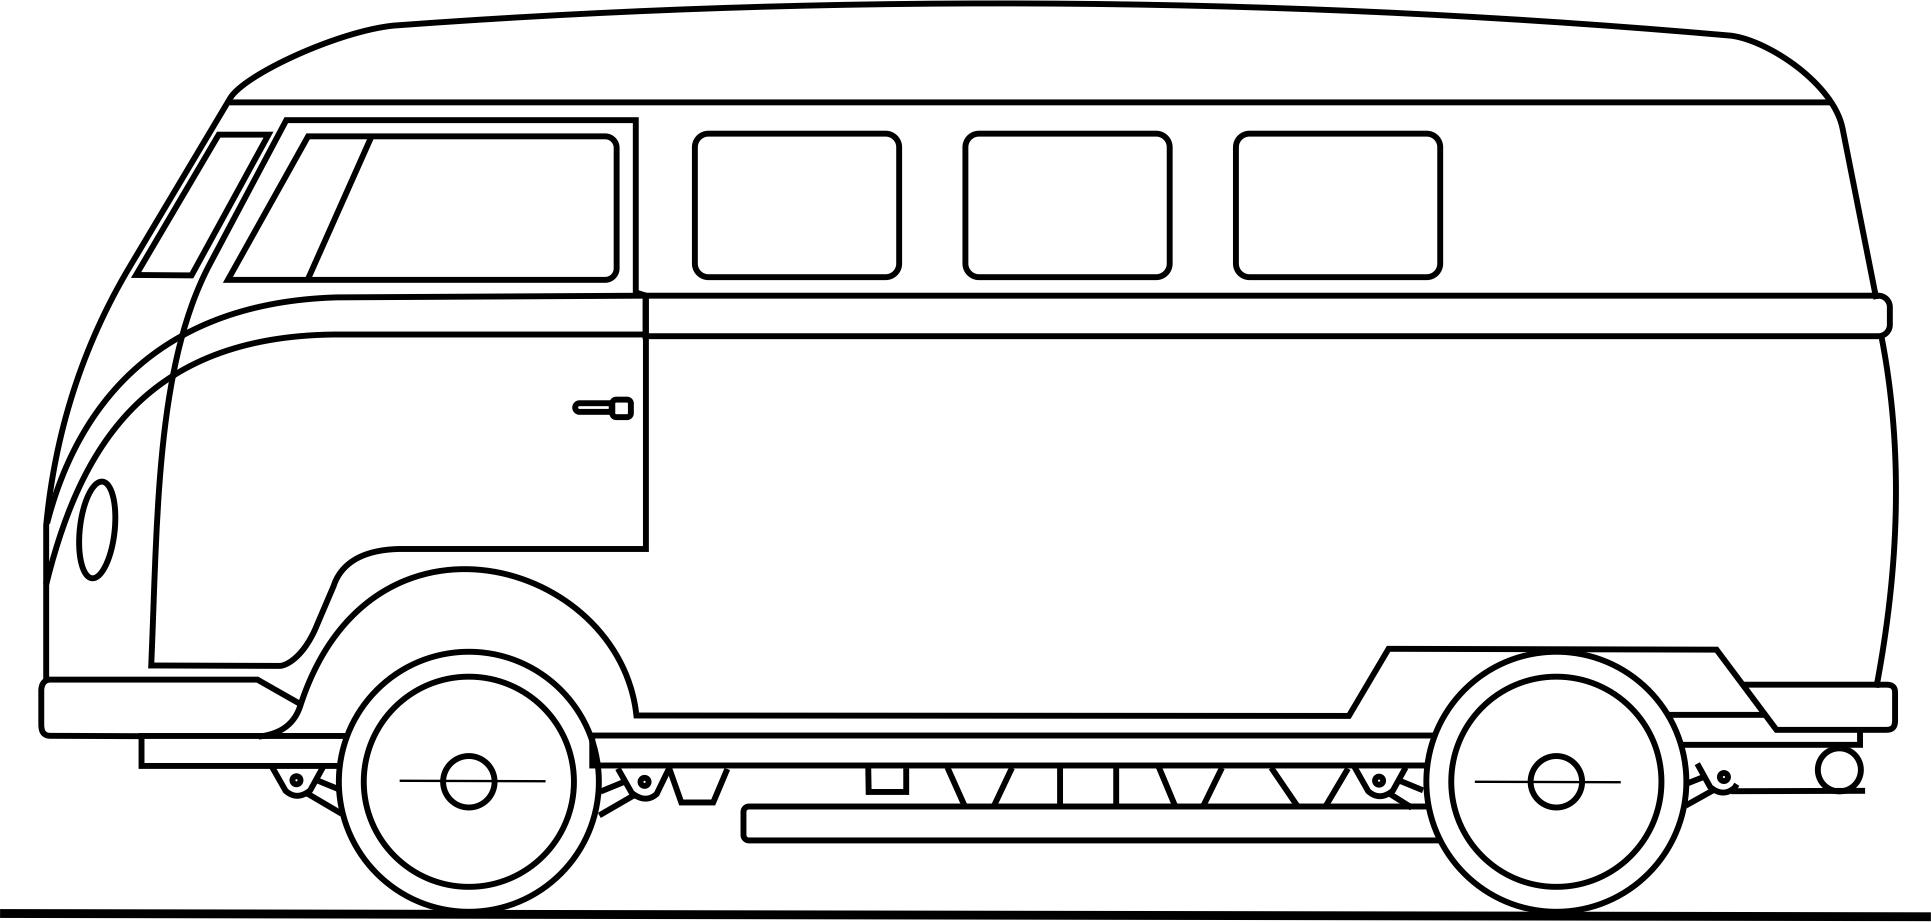 Klv20